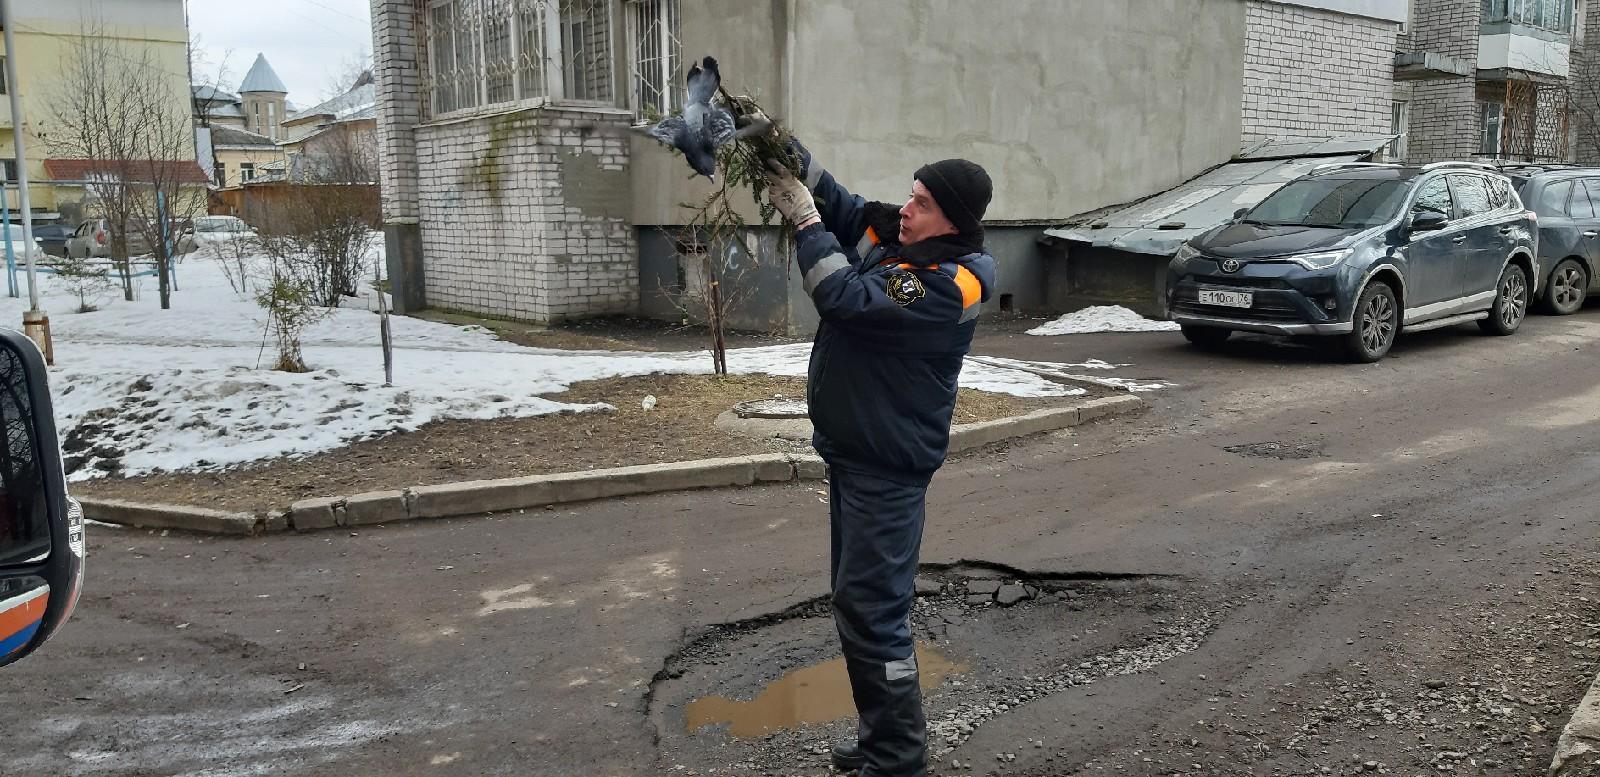 «Птичку жалко»: в Ярославле сотрудники ЦГЗ спасли голубя, попавшего в беду